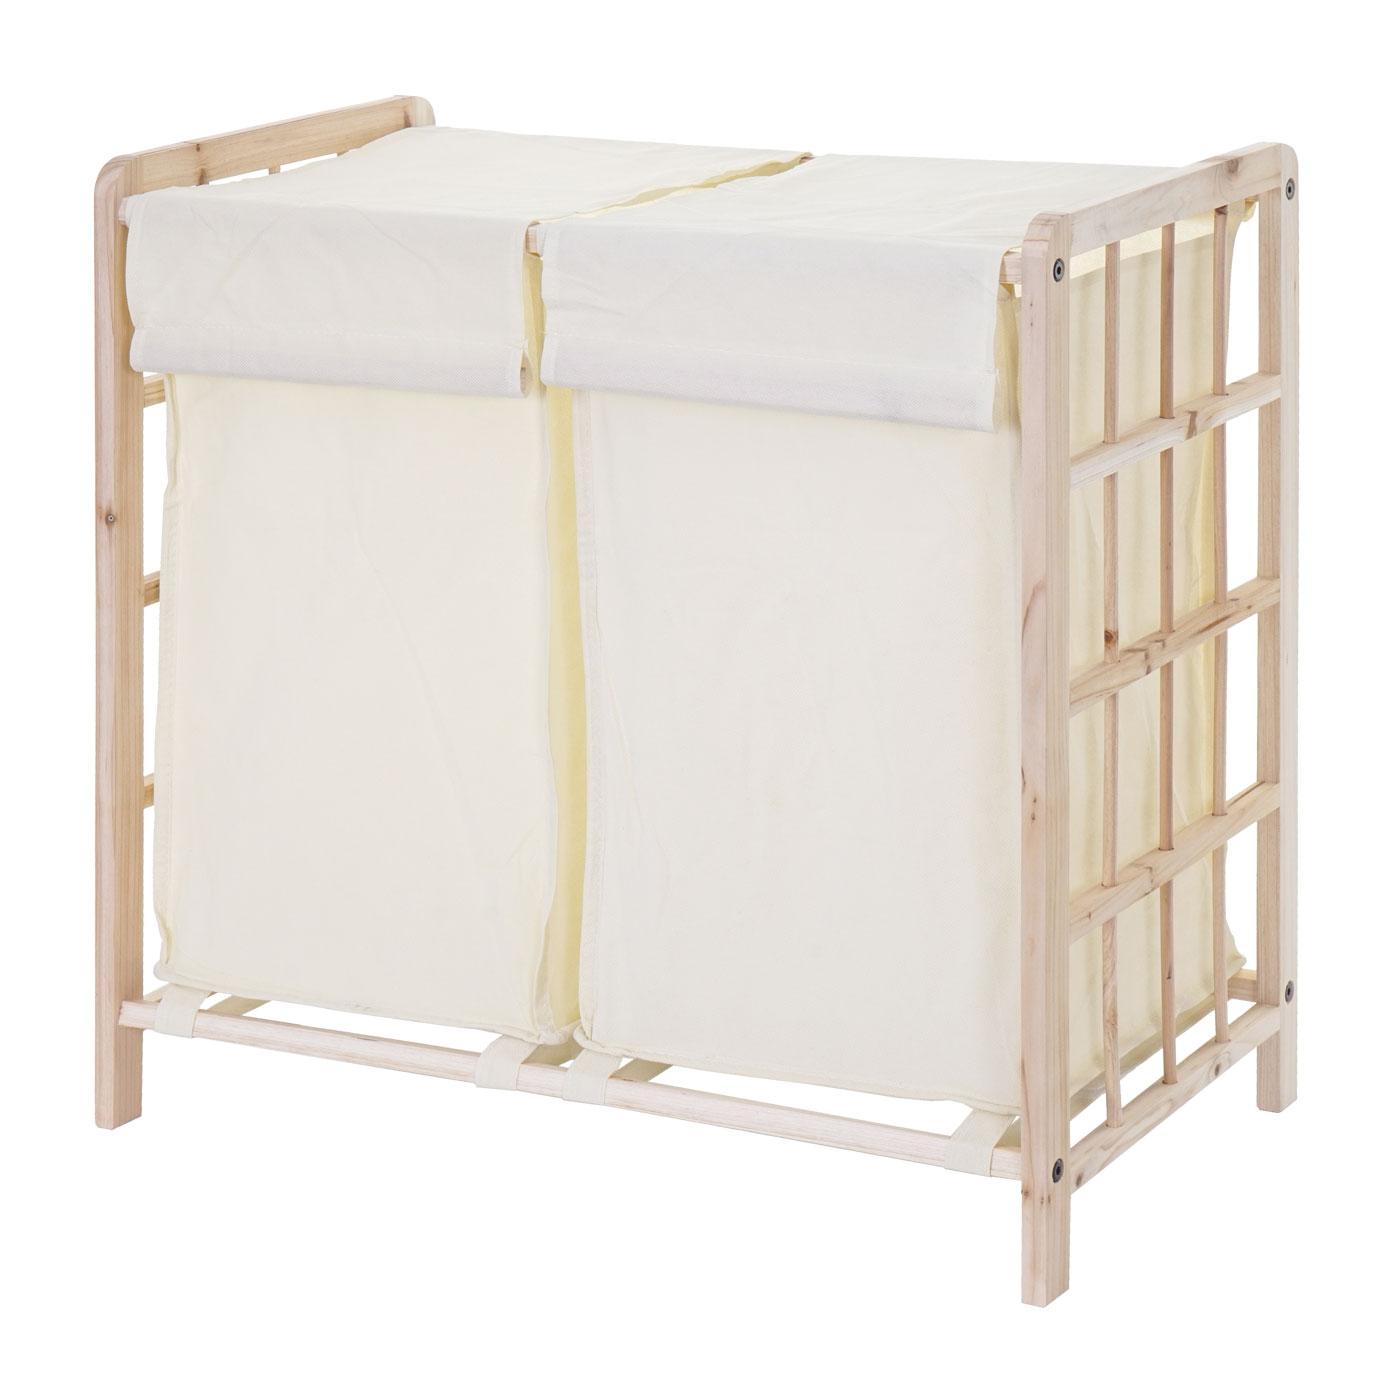 w schesammler hwc b60 laundry w schesortierer w schebox w schekorb w schebeh lter tanne 2. Black Bedroom Furniture Sets. Home Design Ideas